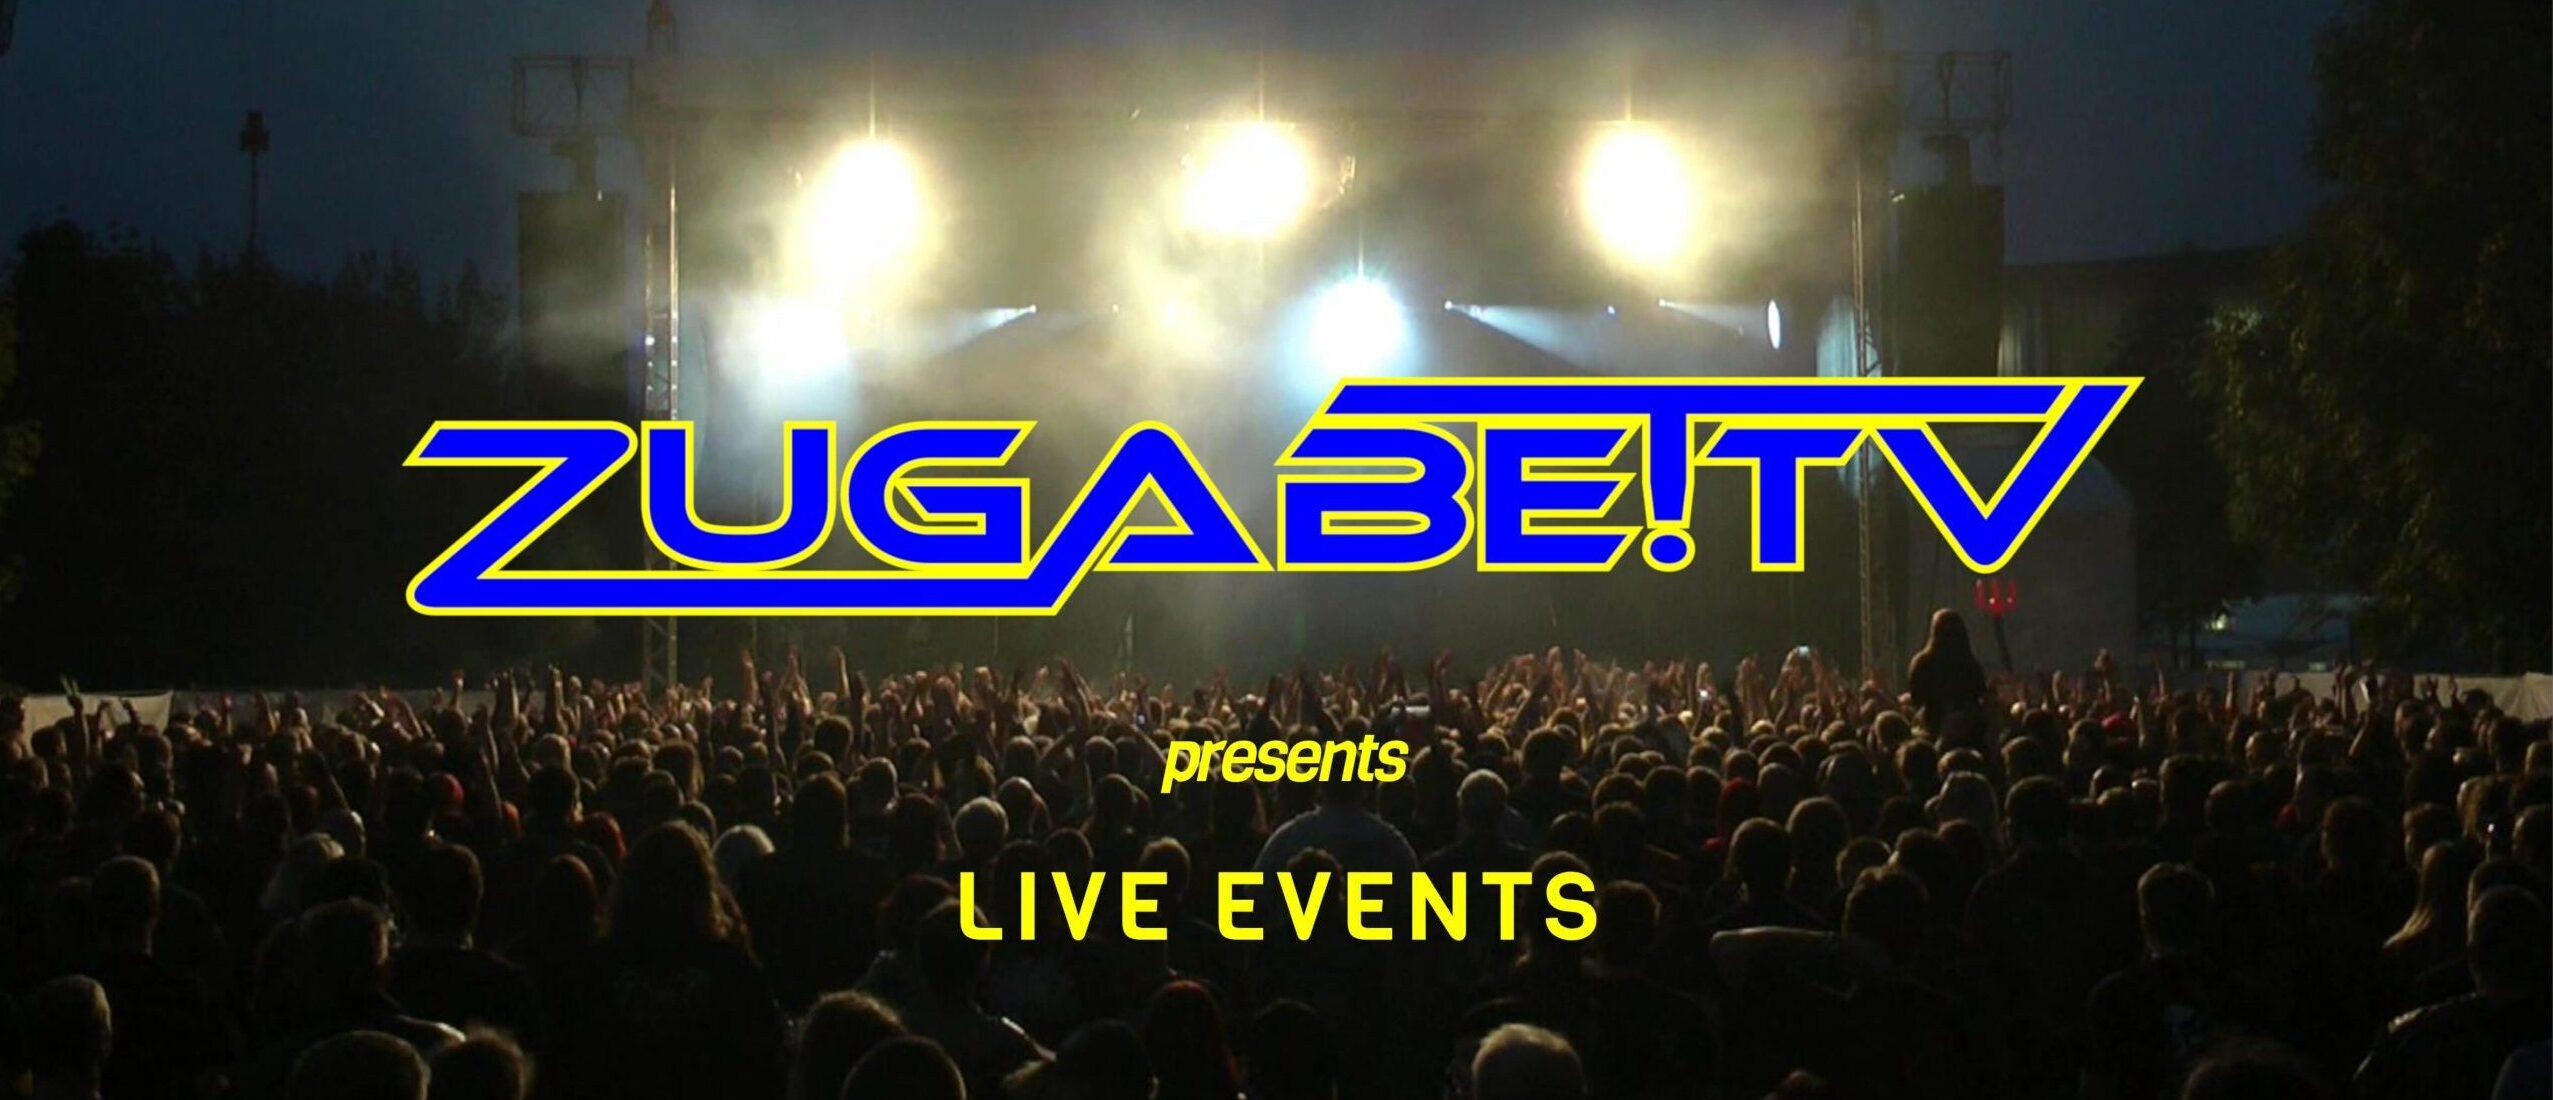 ZUGABETV Konzertaufzeichnungen, Videoproduktion, Livestream Dresden